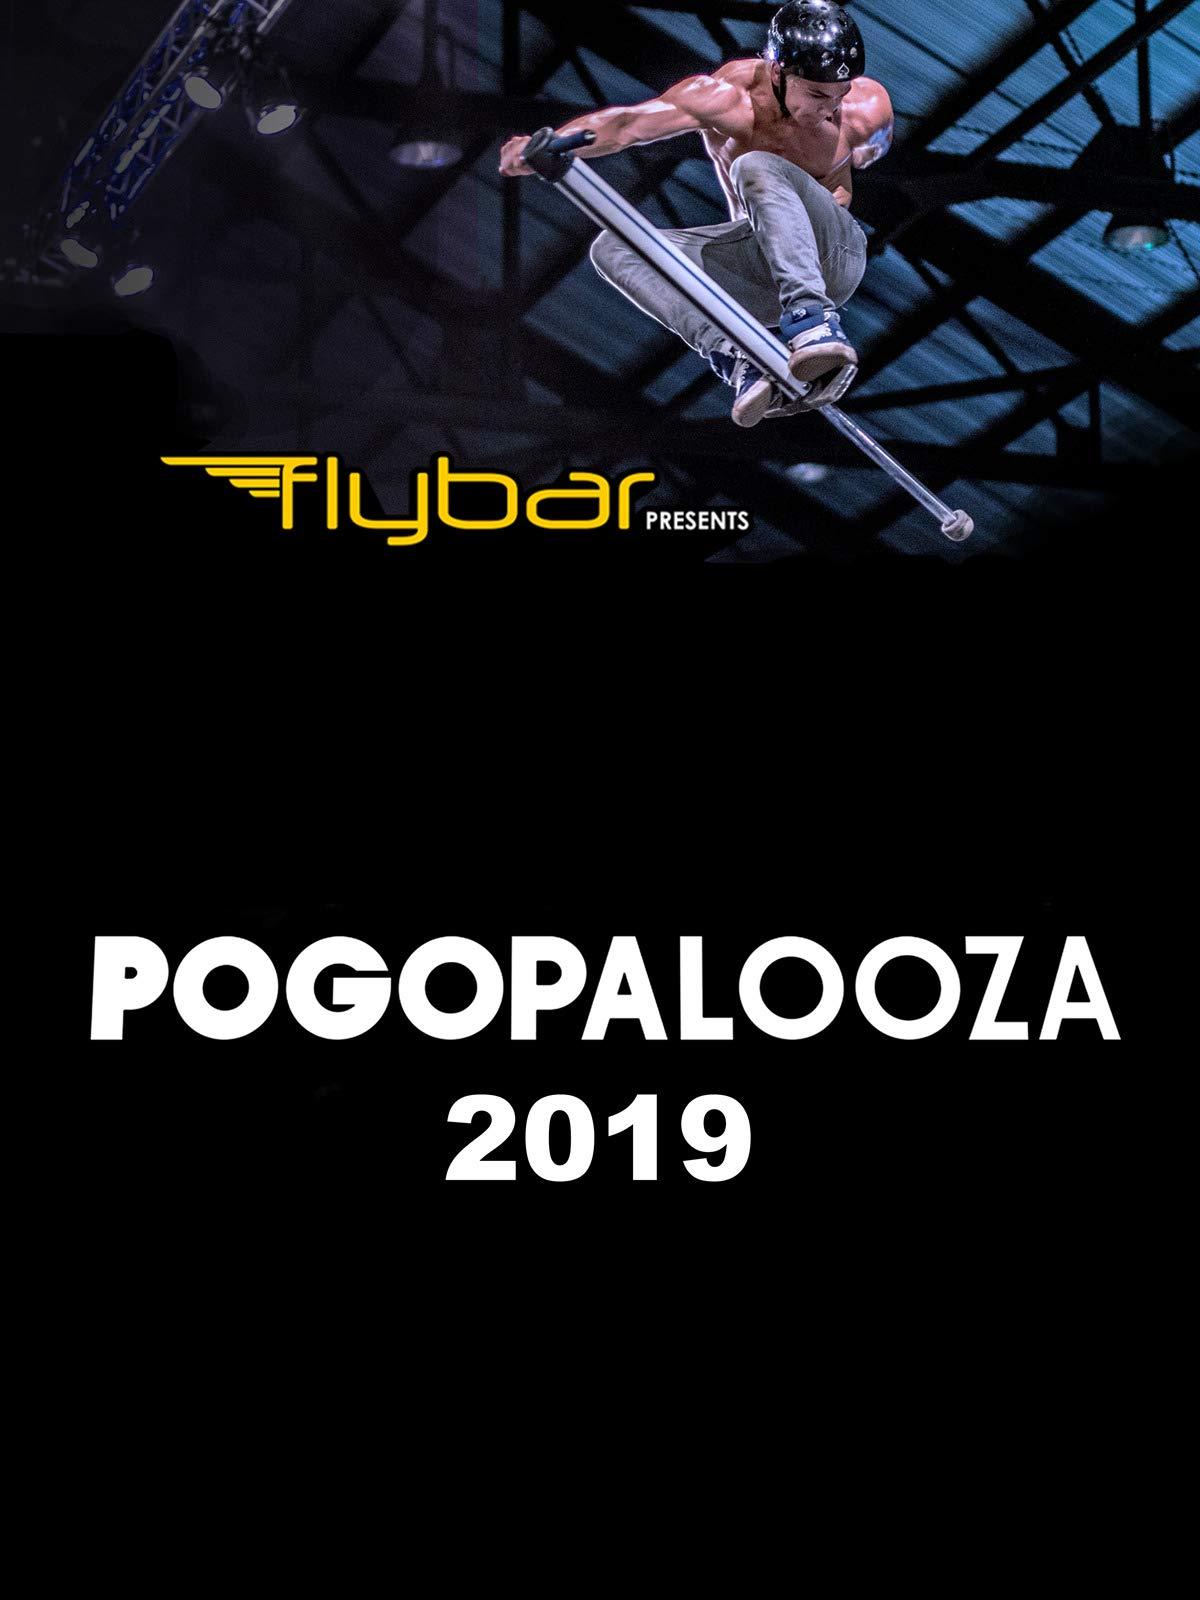 Pogopalooza 2019